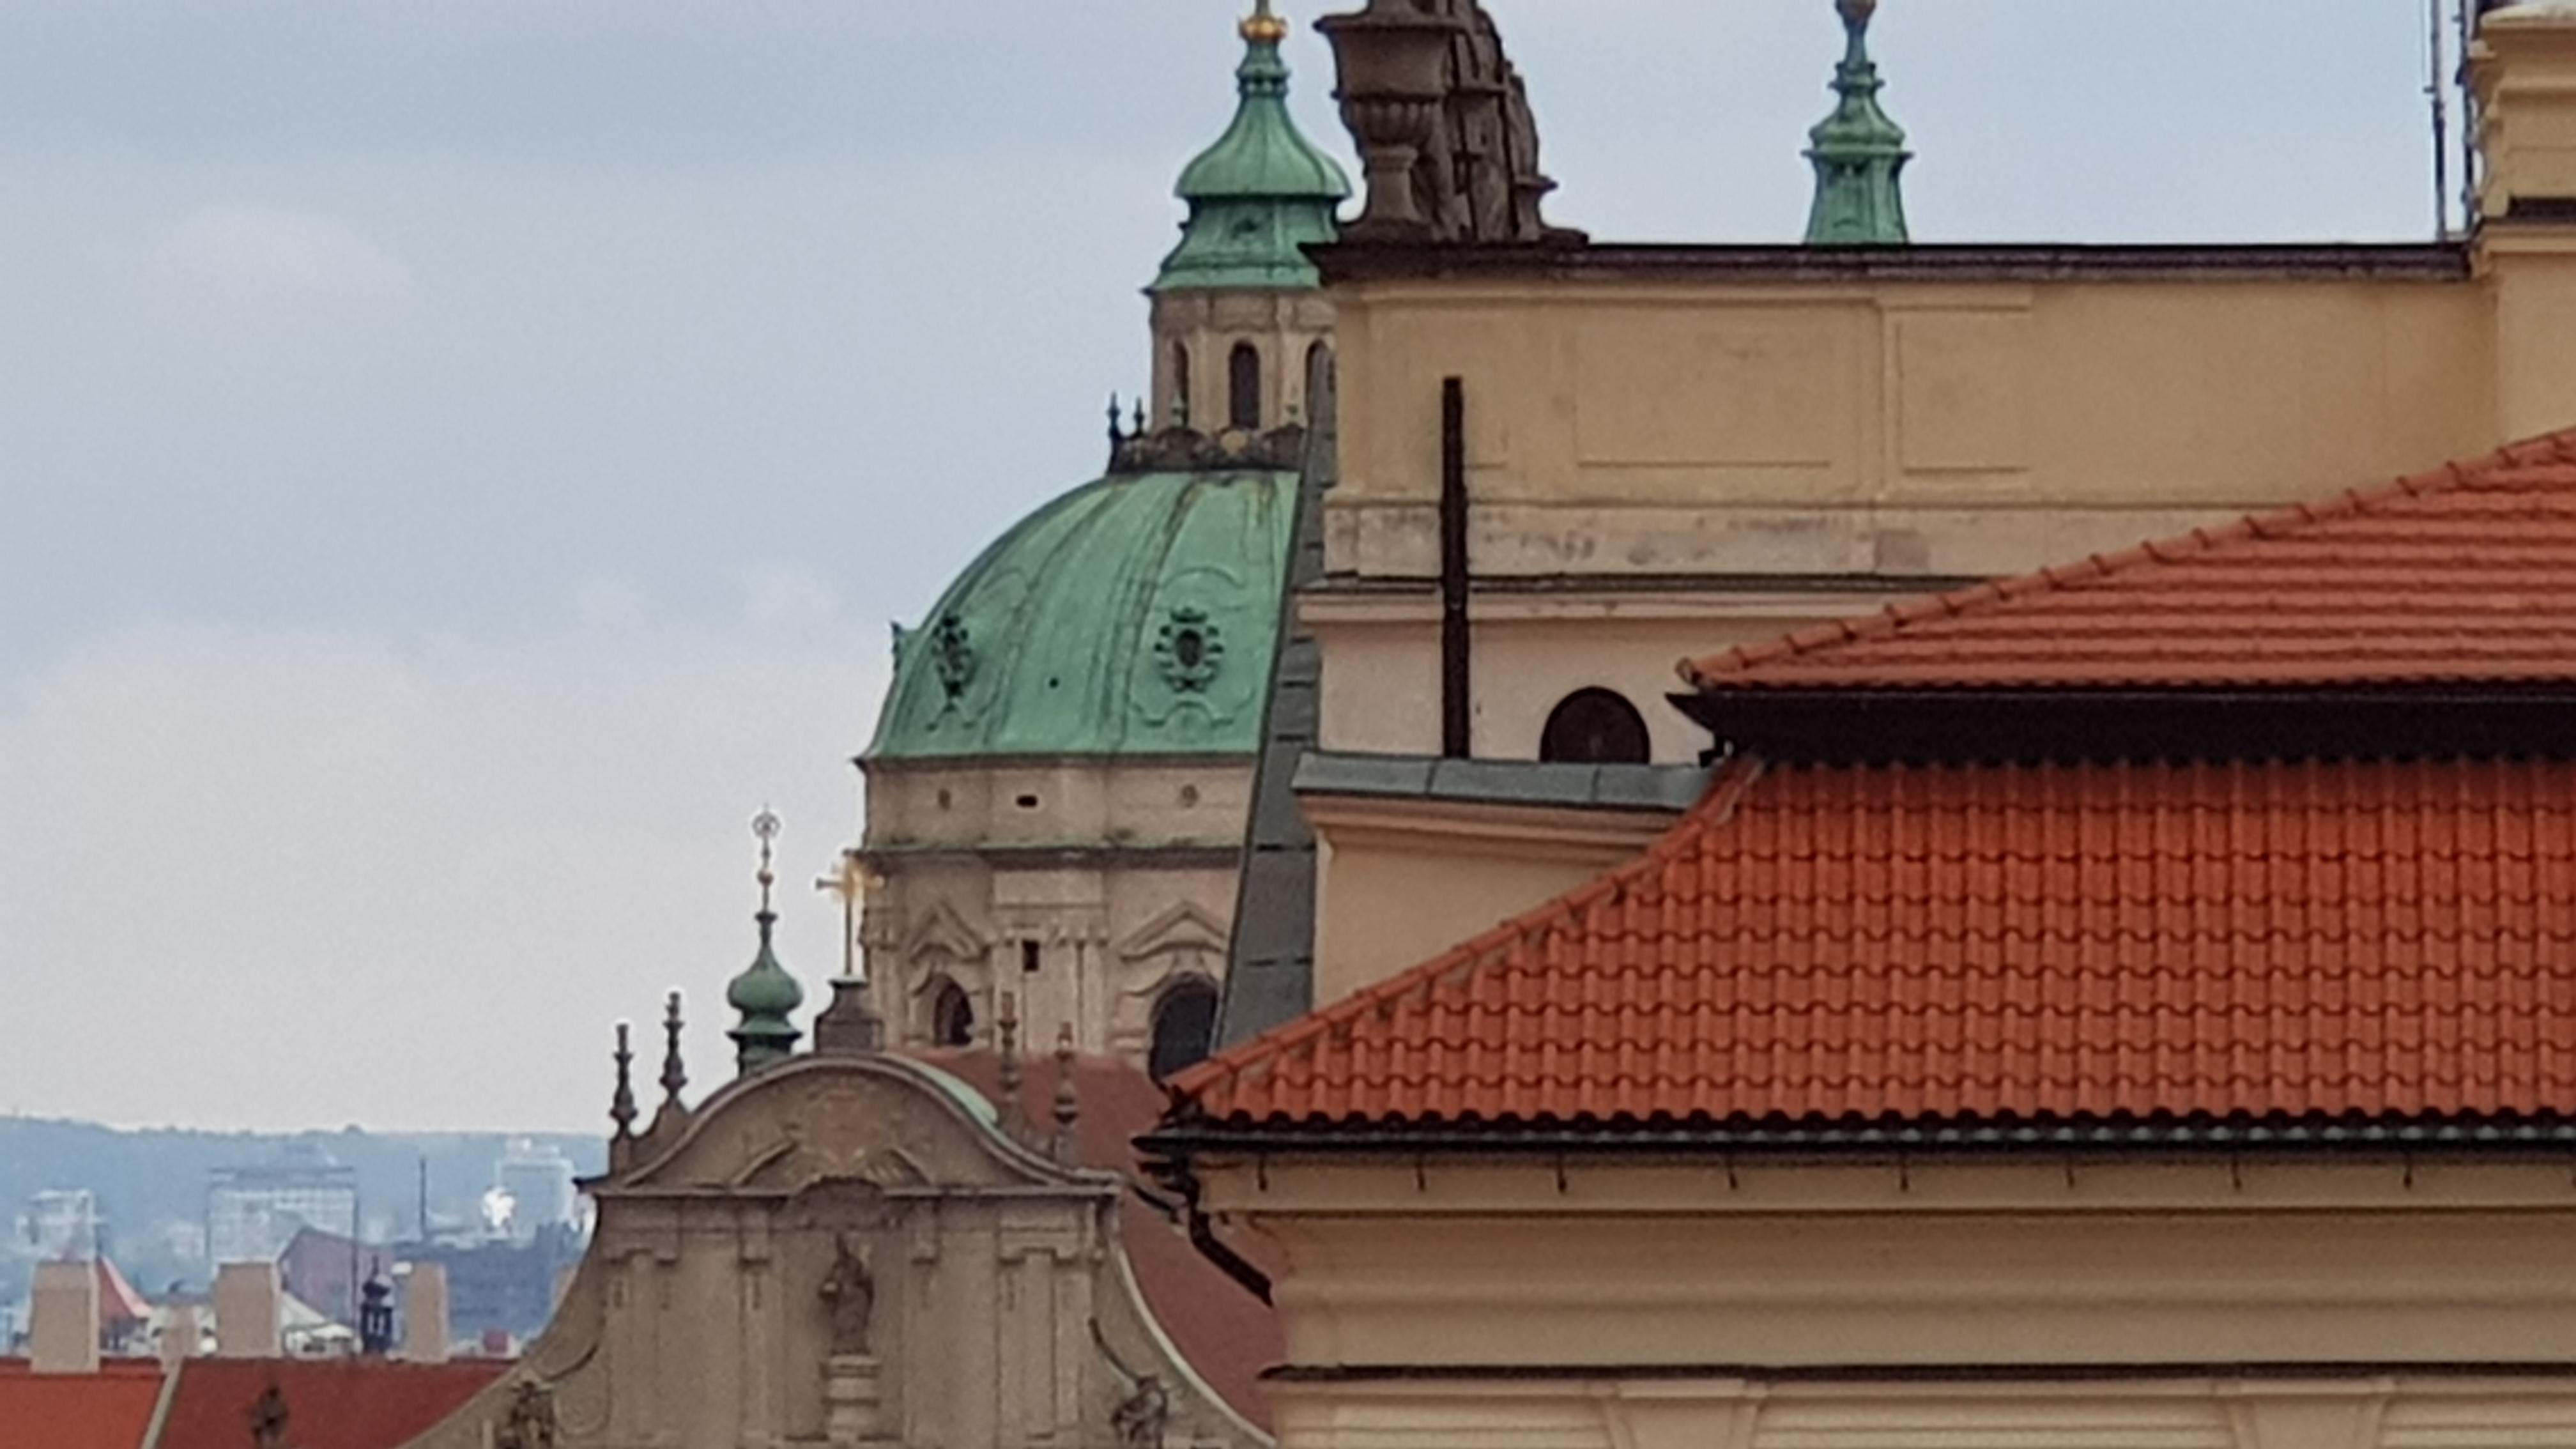 ... ach, ta Praha!